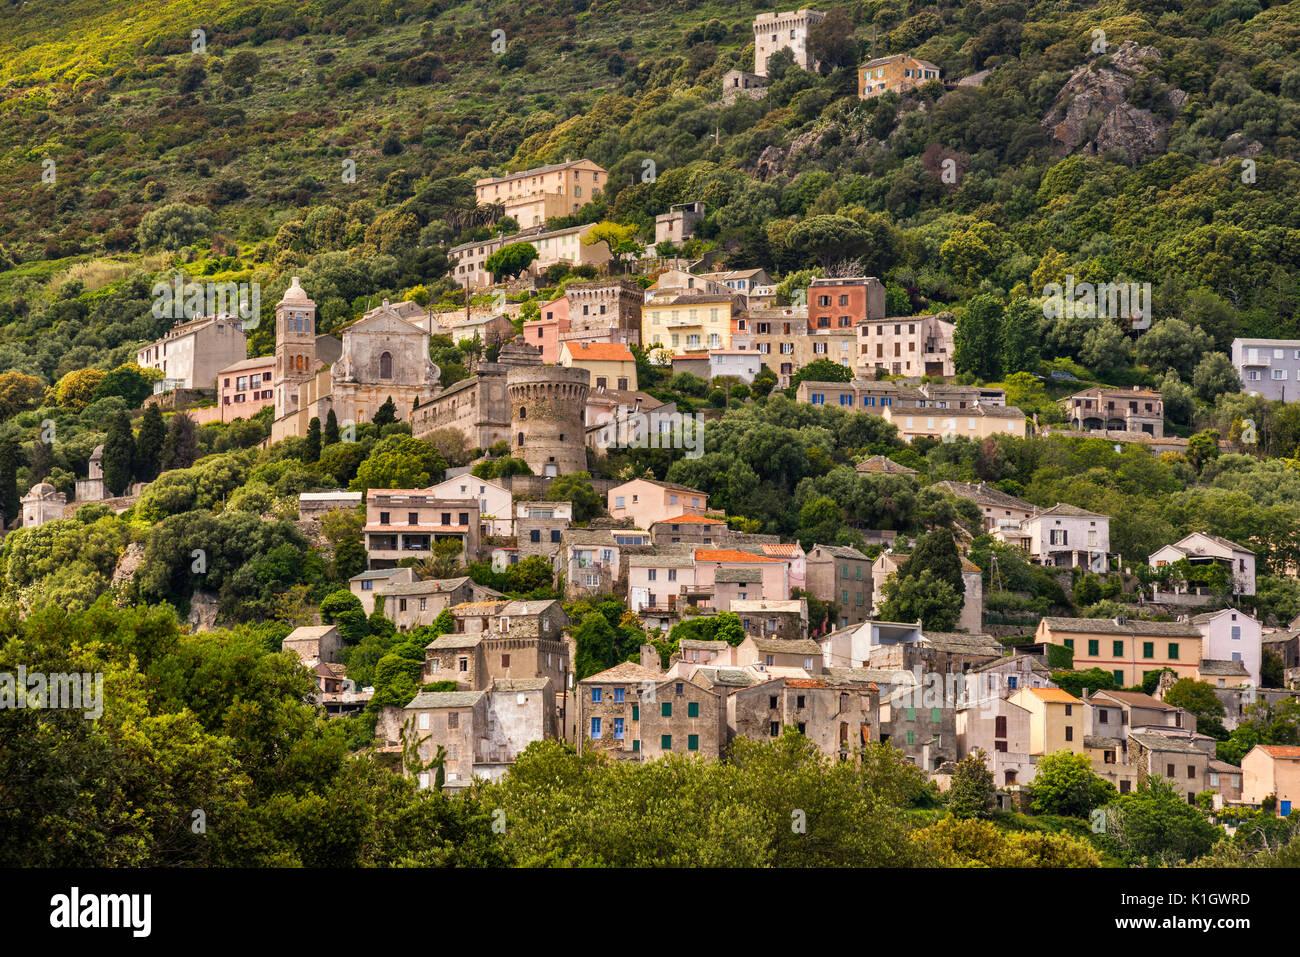 Colina de la ciudad de Bettolacce, en la comuna de Rogliano, Cap Corse, Córcega, Francia Imagen De Stock